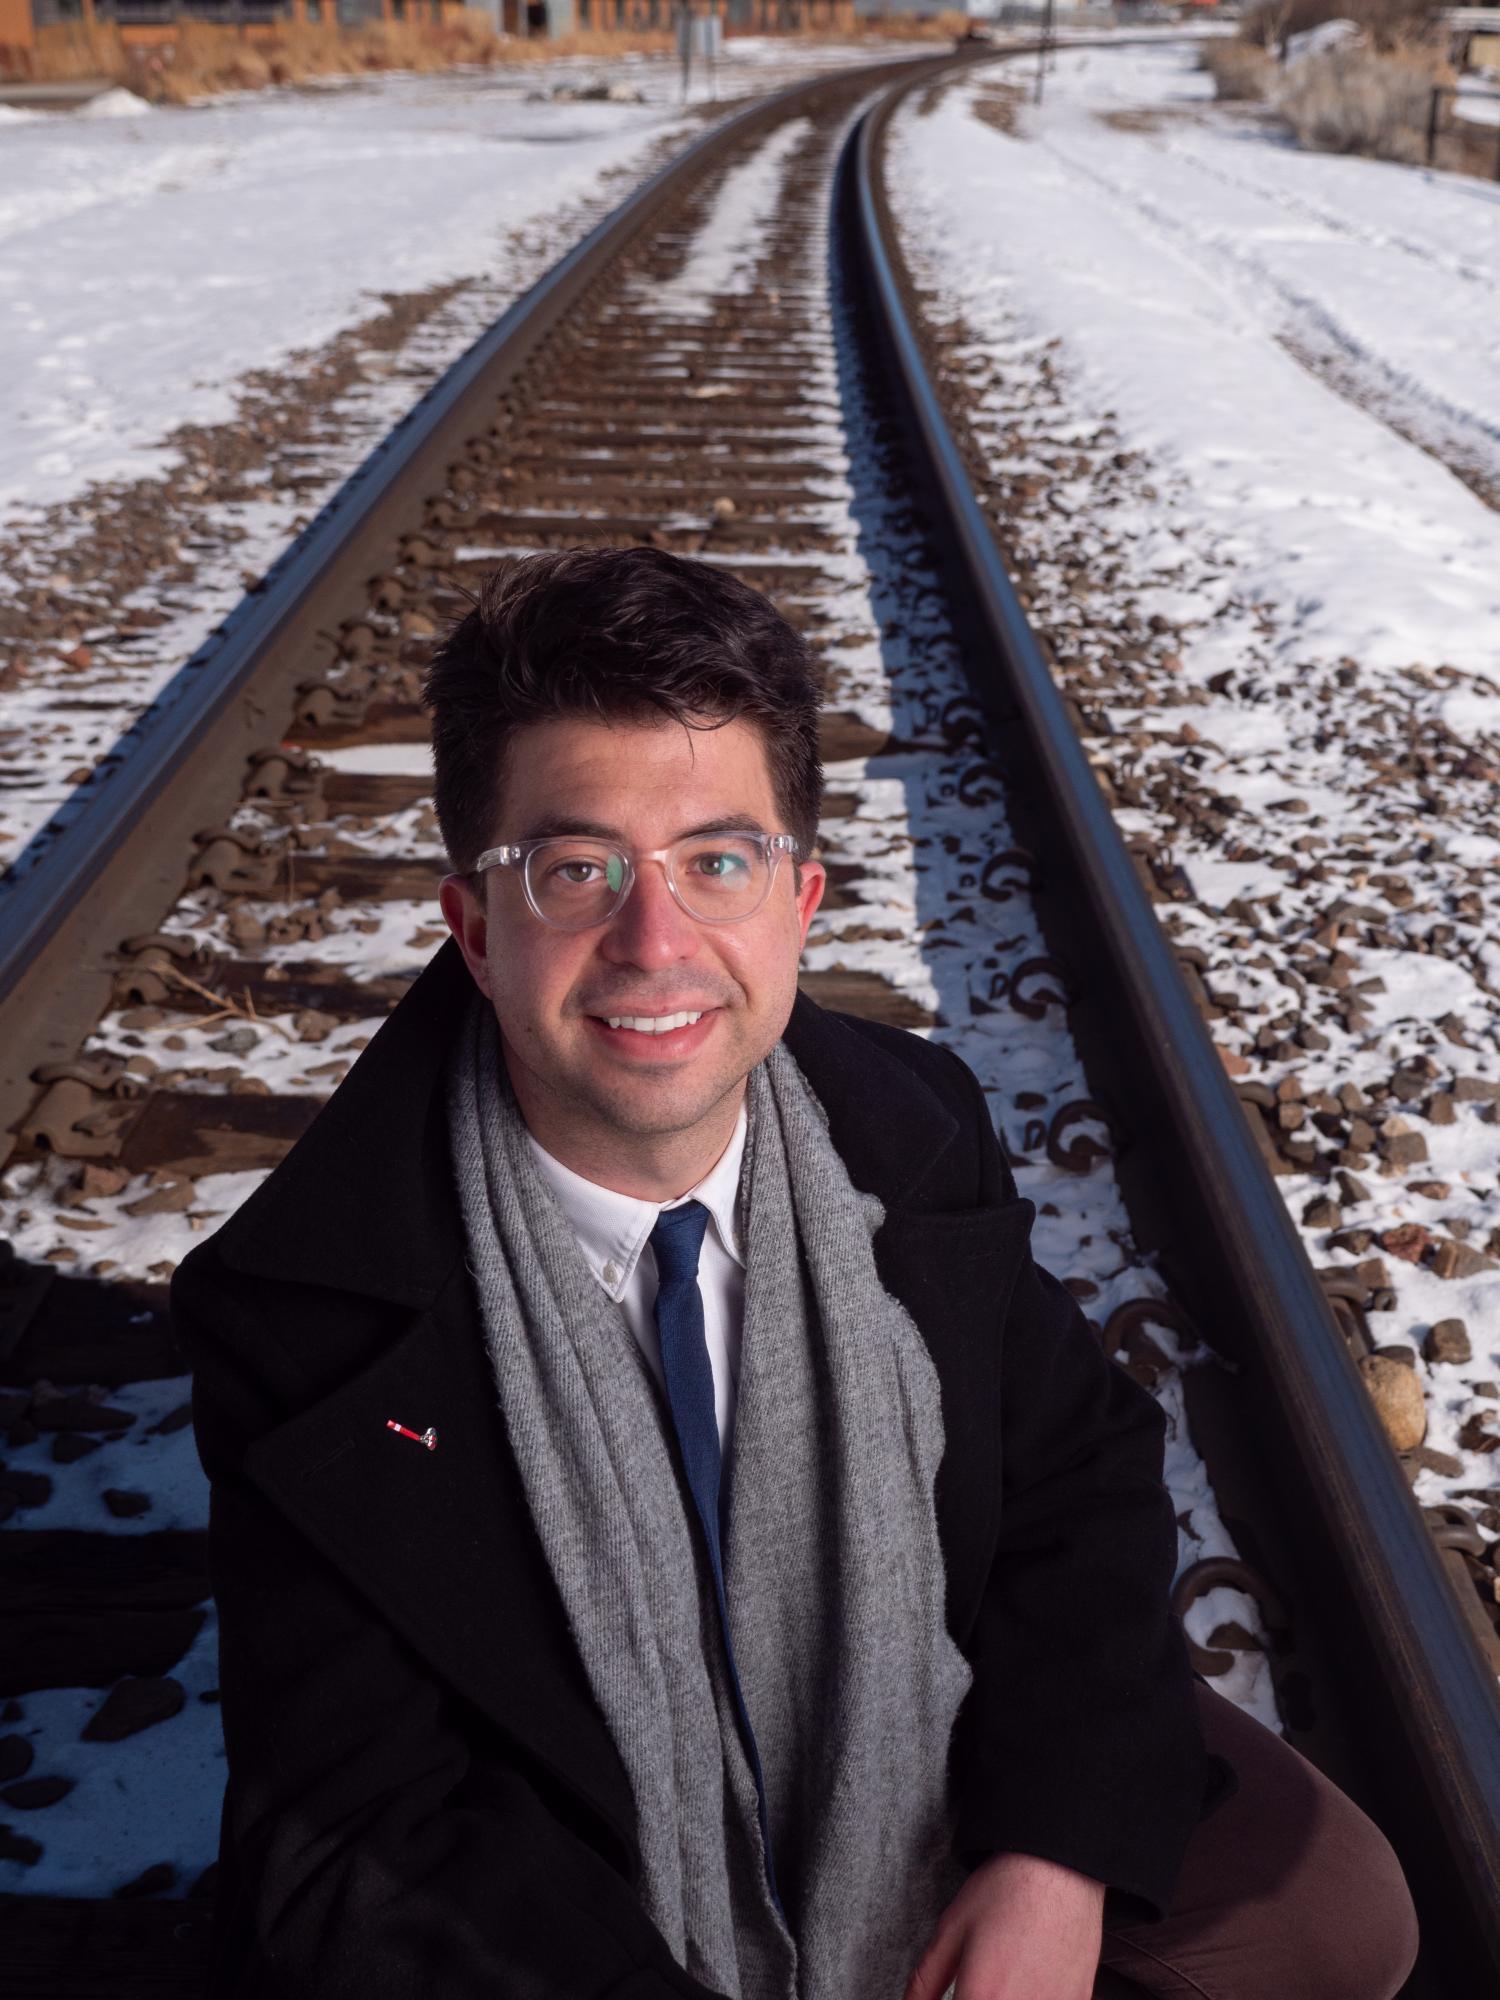 Adrian Untermyer